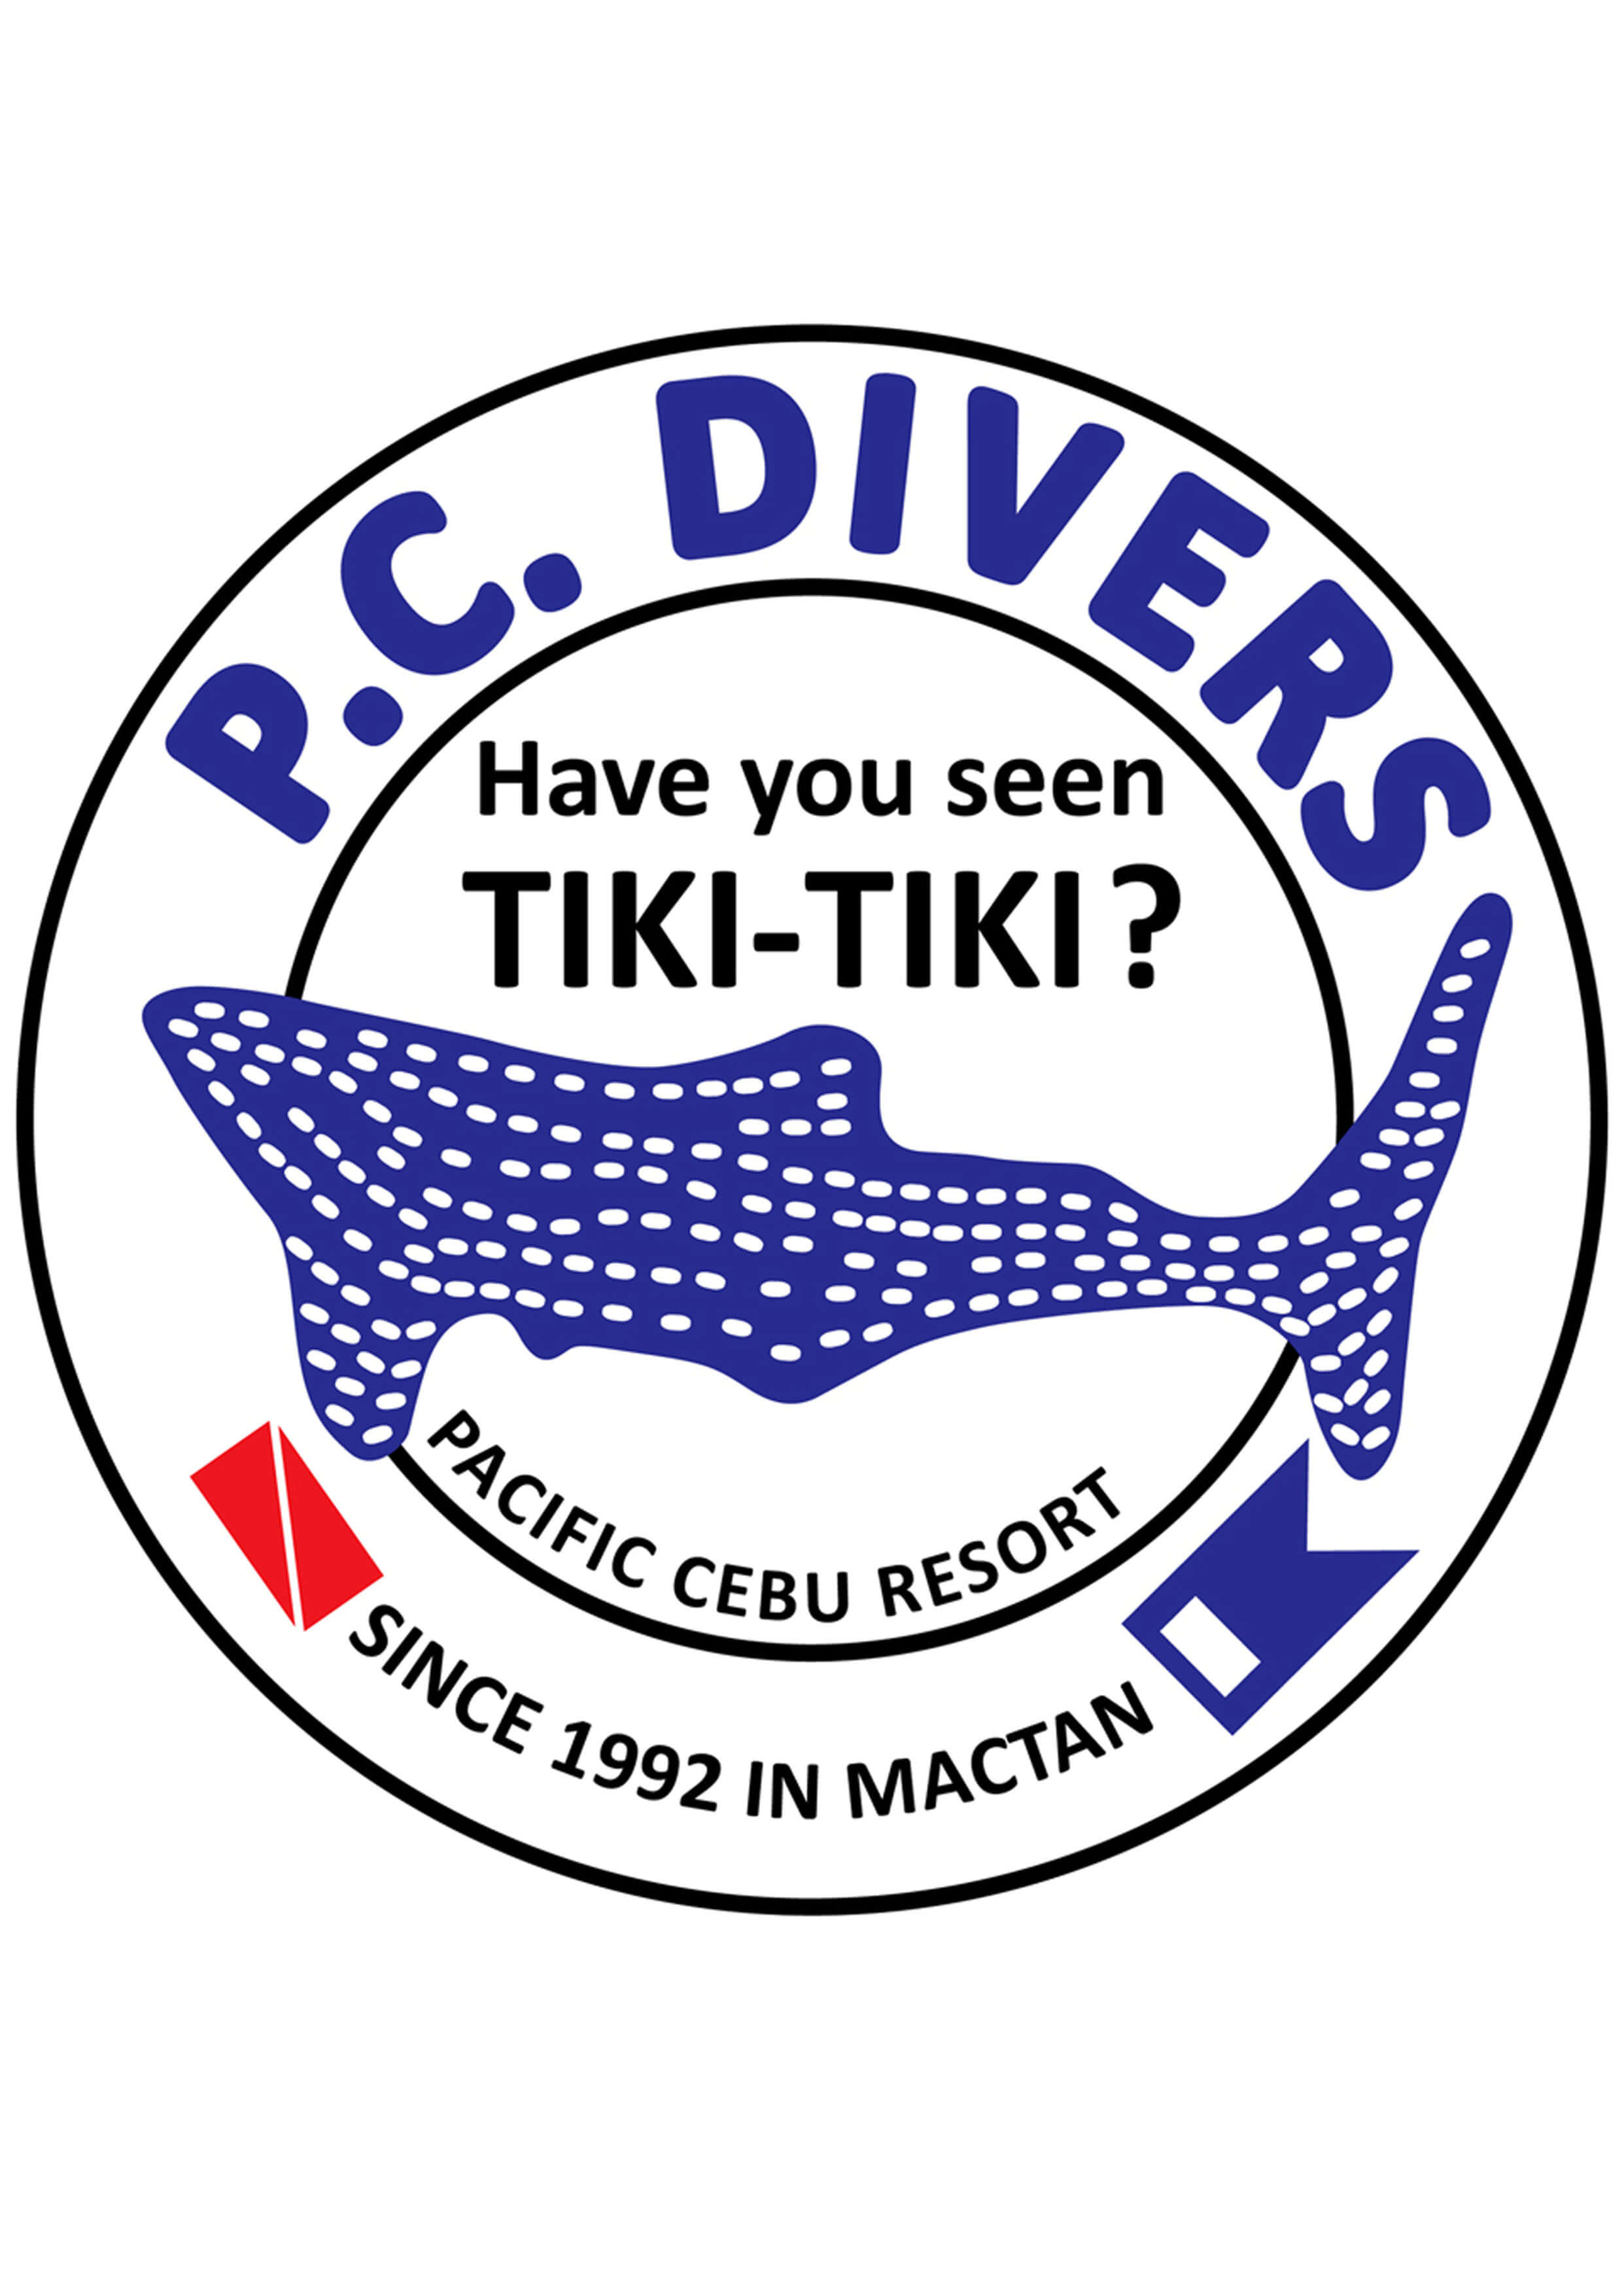 P.C. Divers